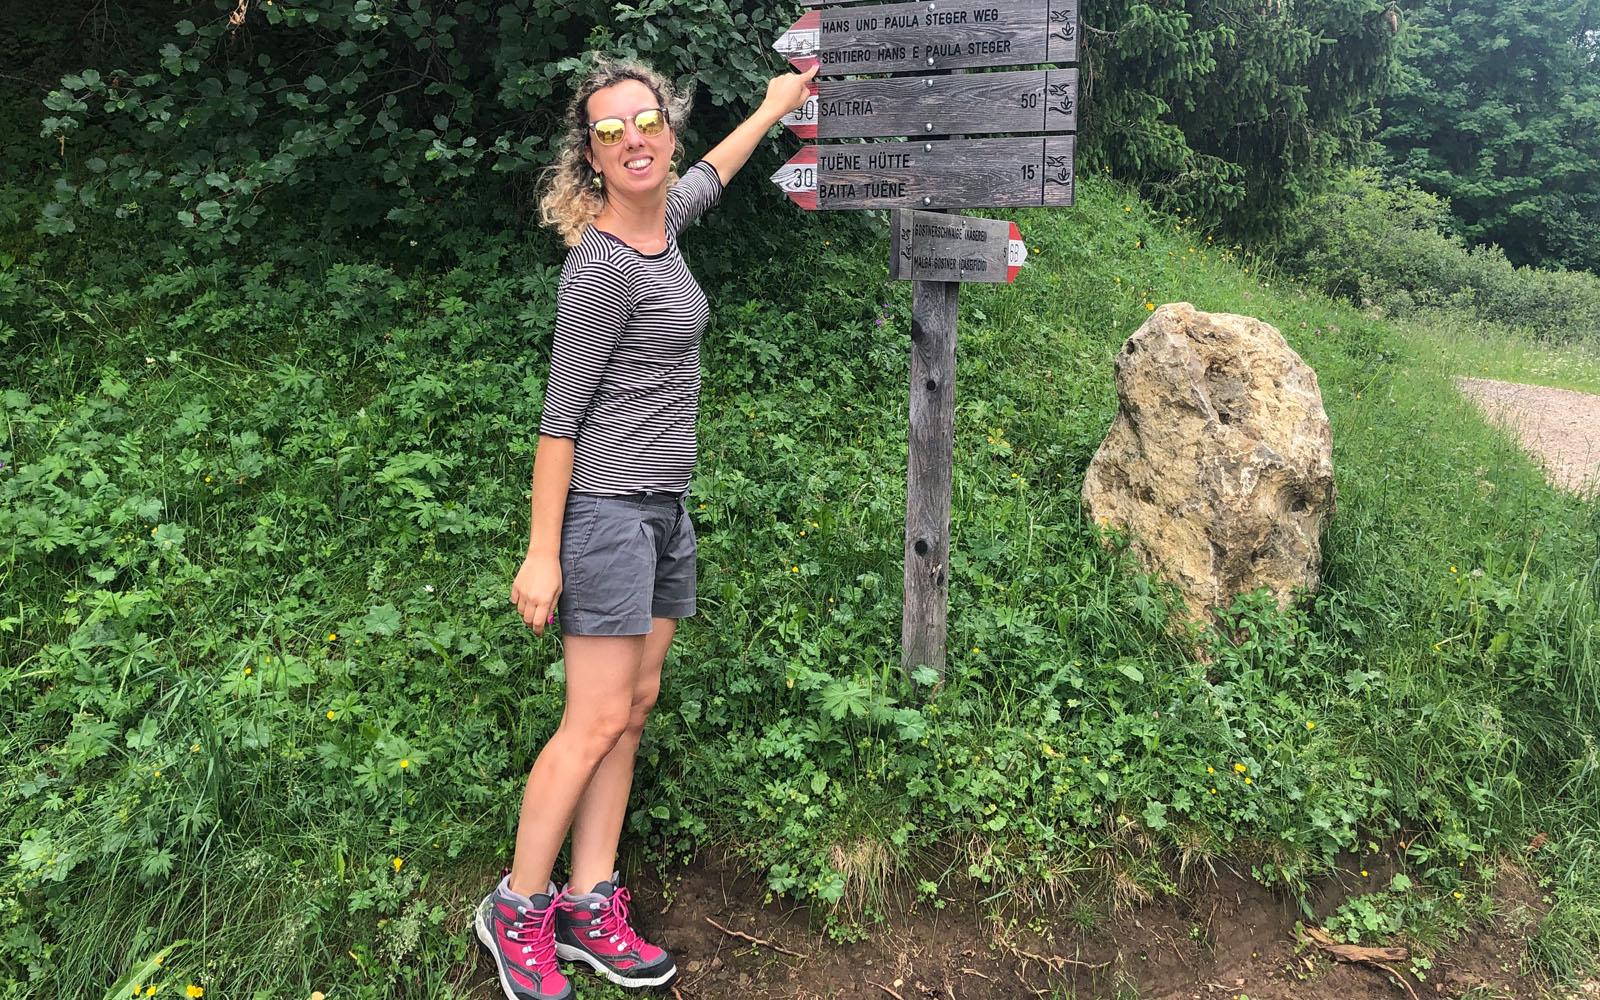 Sul sentiero di Hans e Paula Steger, all'Alpe di Siusi.